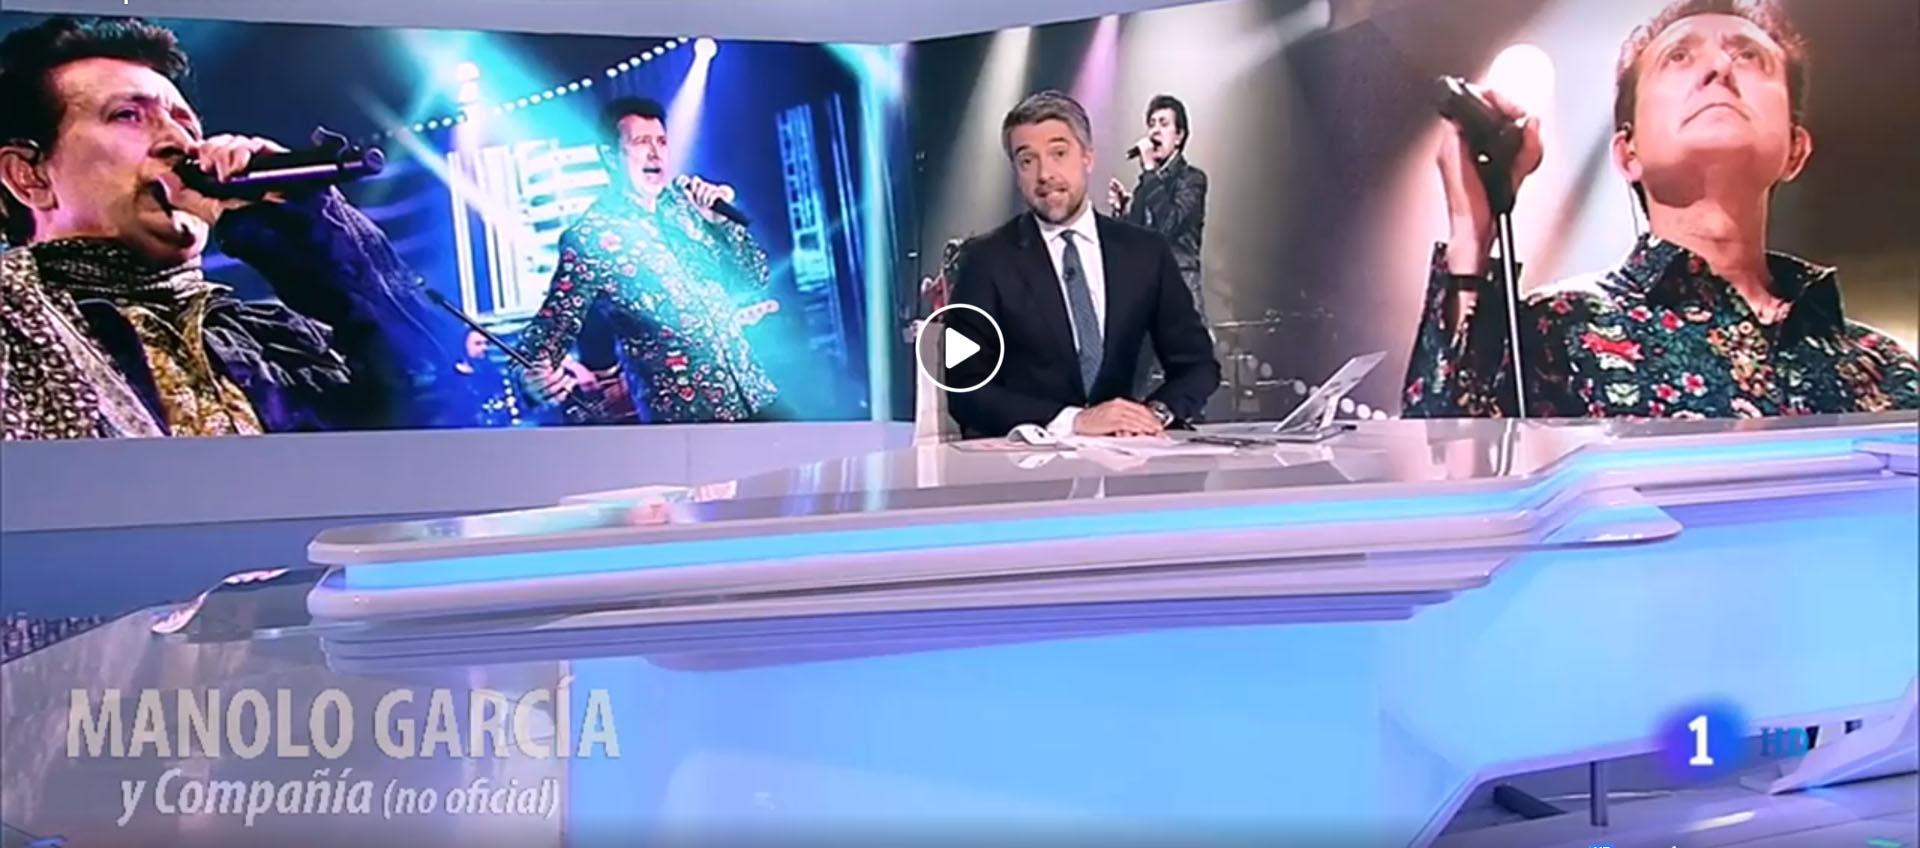 Manolo García en el Telediario2 de RTVE 20/11